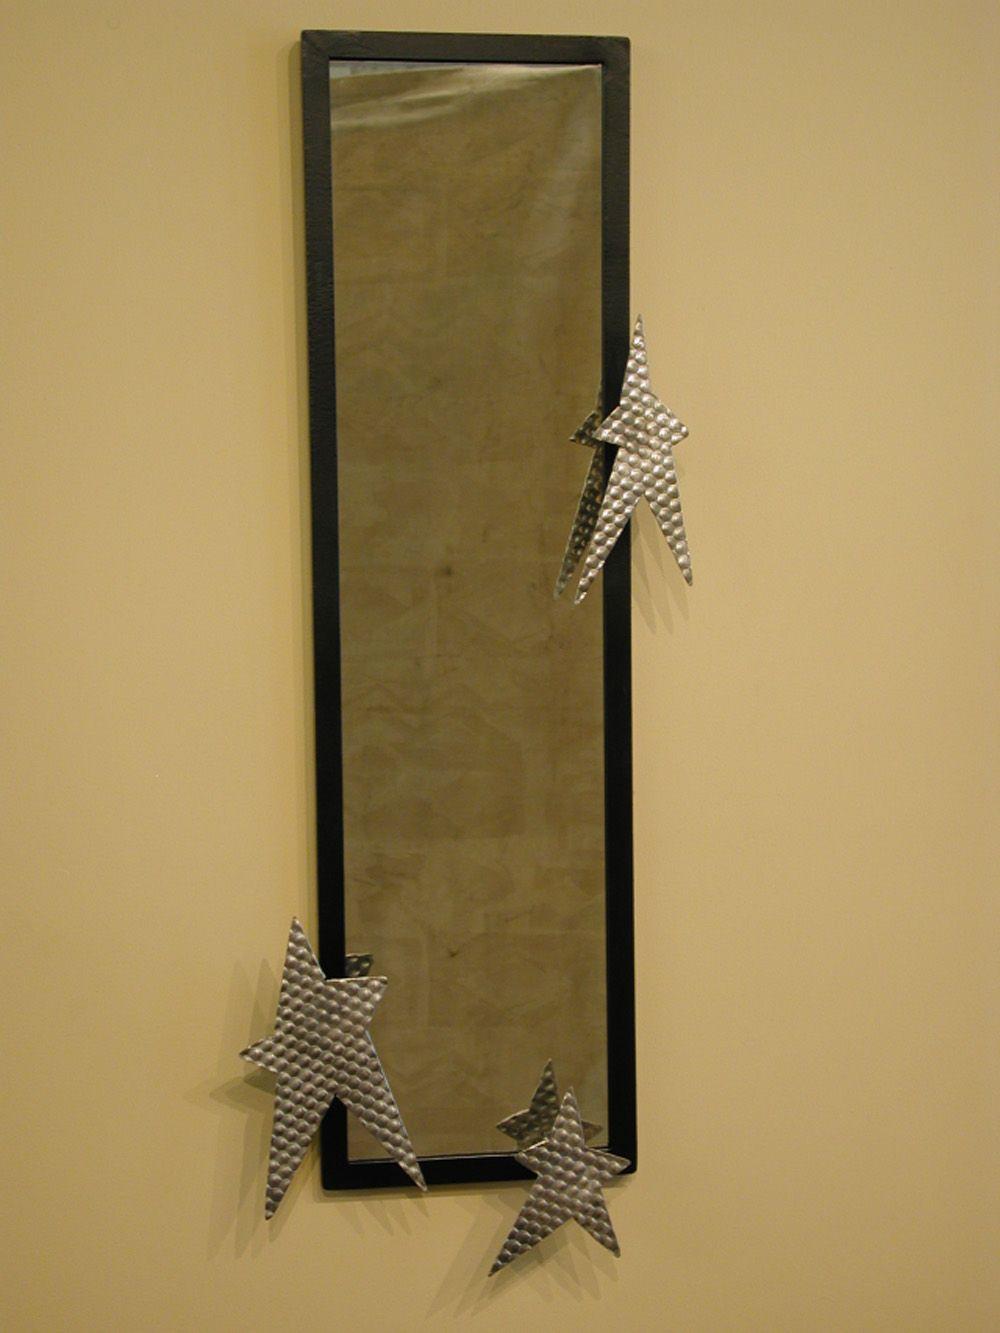 Steel & painted steel mirror badman.com | Badman Design | Grand Forks, ND